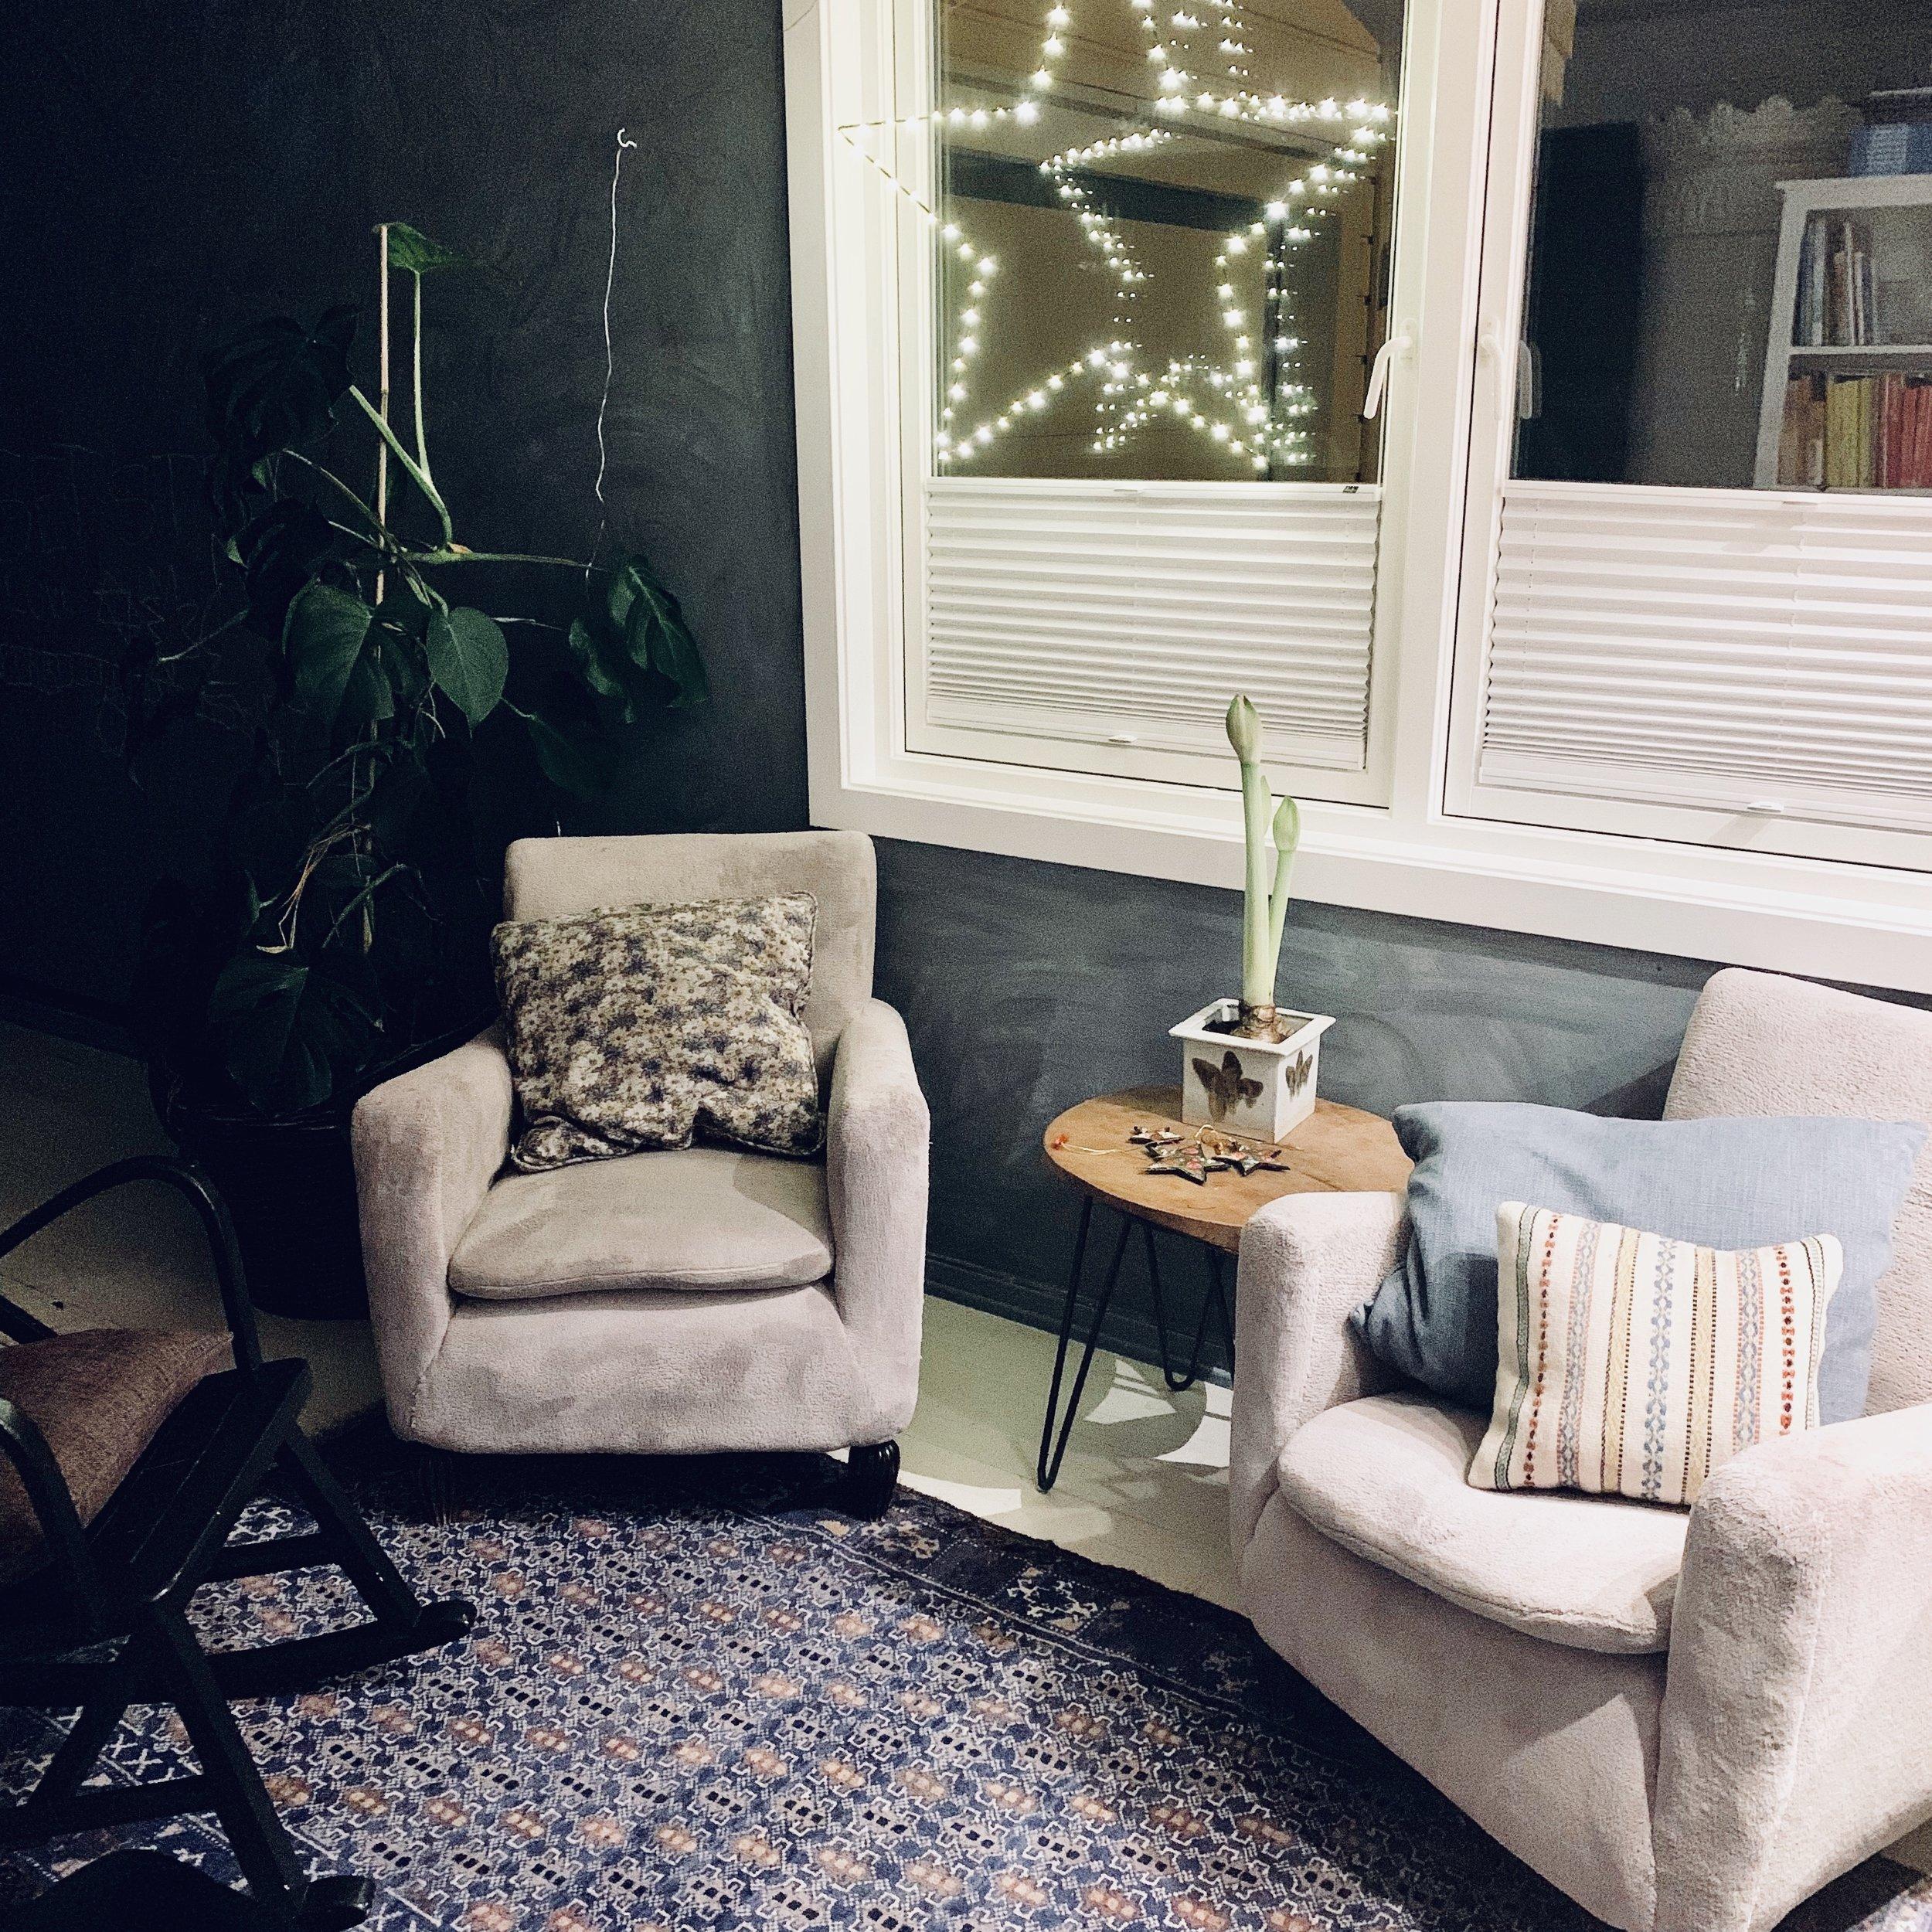 Julestjernen som vi elsker. Bestefars gamle stoler fra 1930-tallet og en svartmalt gyngestol fra bruktbutikken. Planten i bakgrunnen som foreldrene mine fikk i gave da jeg ble født. De viktige tingene har fått bli – og vi setter enda mer pris på dem nå som de får ta mer plass i hjemmet vårt.